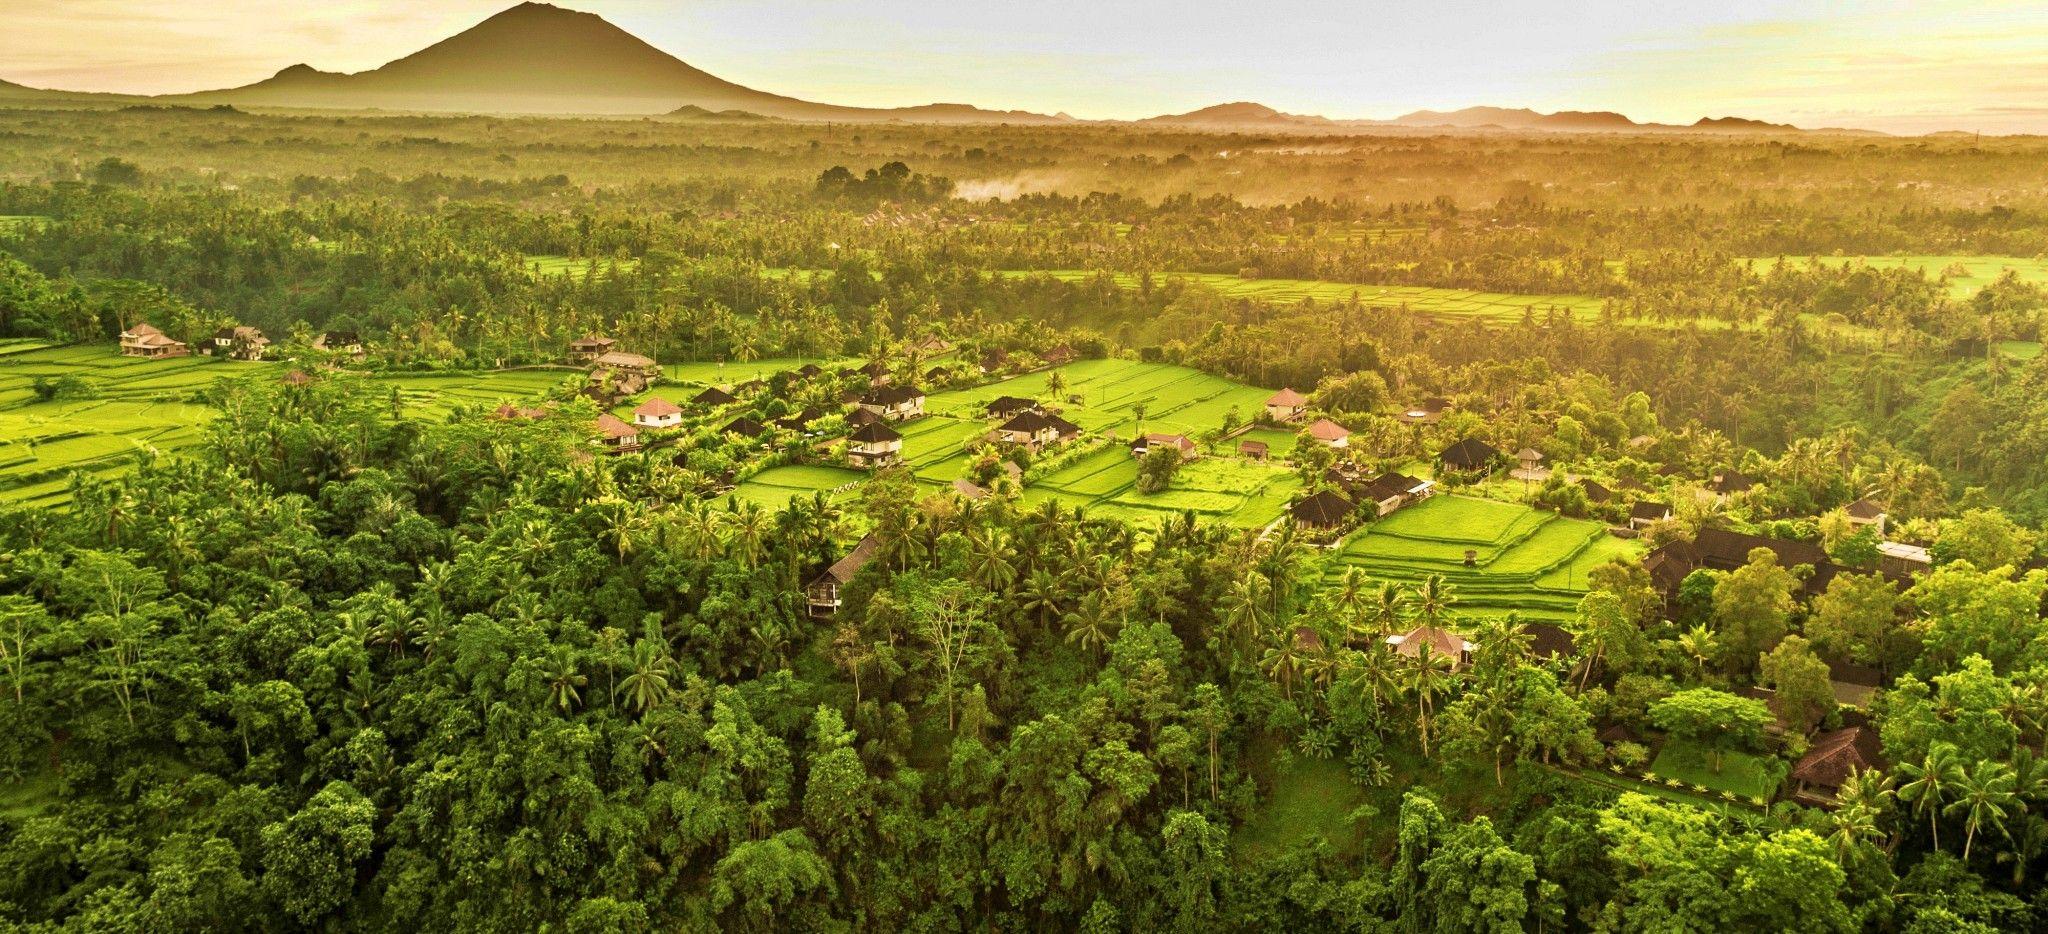 """Reisfelder, Dschungel und ein Berg in der ferne, Luftaufnahme der Insel Bali über dem Hotel """"COMO Uma Ubud"""""""